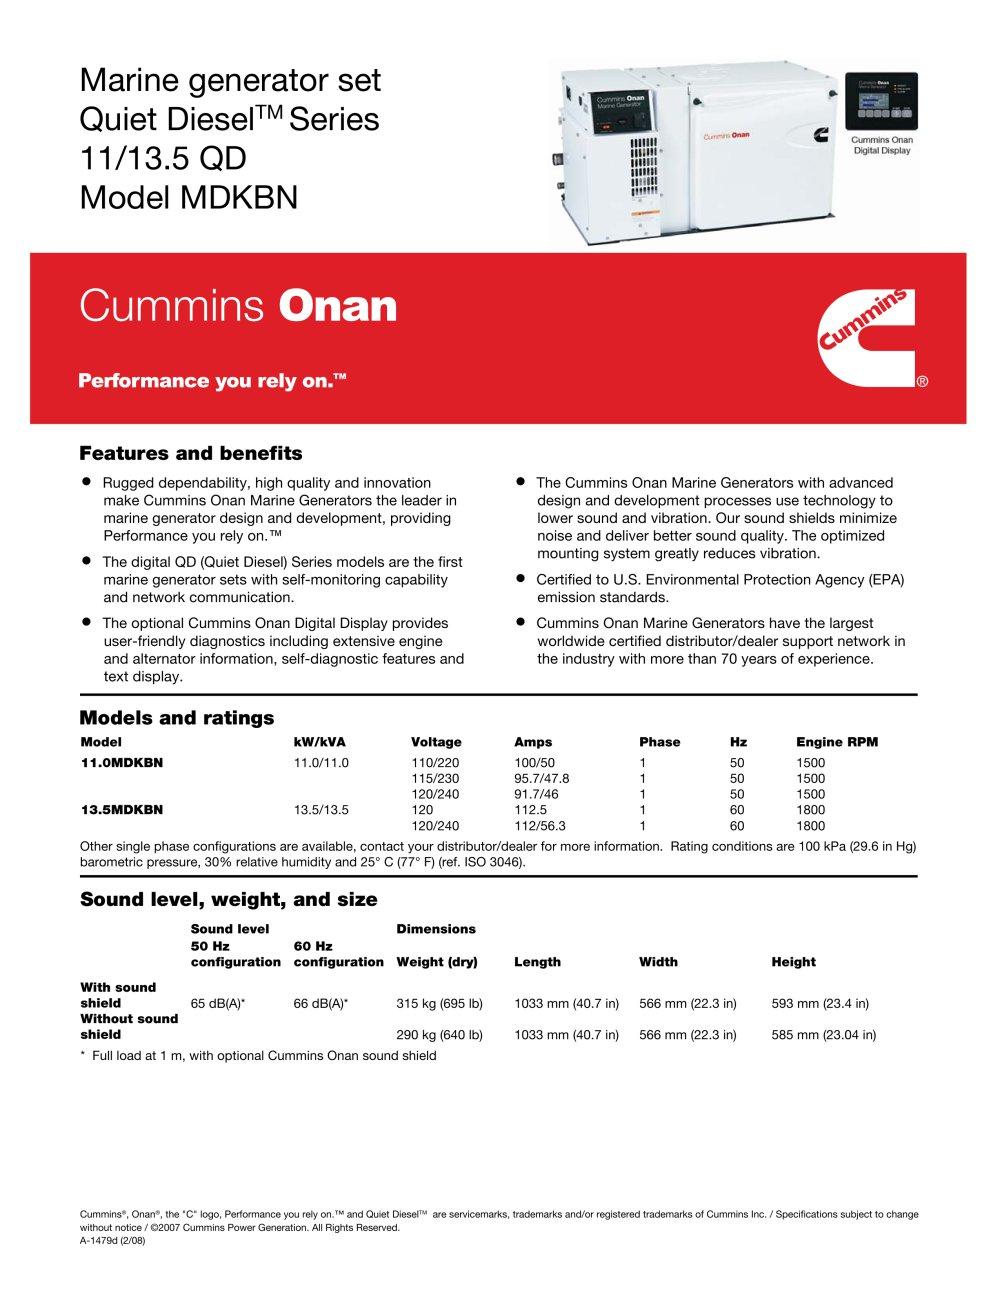 cummins onan marine generator set quiet diesel series 11 135 qd model mdkbn 90813_1b cummins onan marine generator set quiet diesel™ series 11 13 5 qd  at readyjetset.co